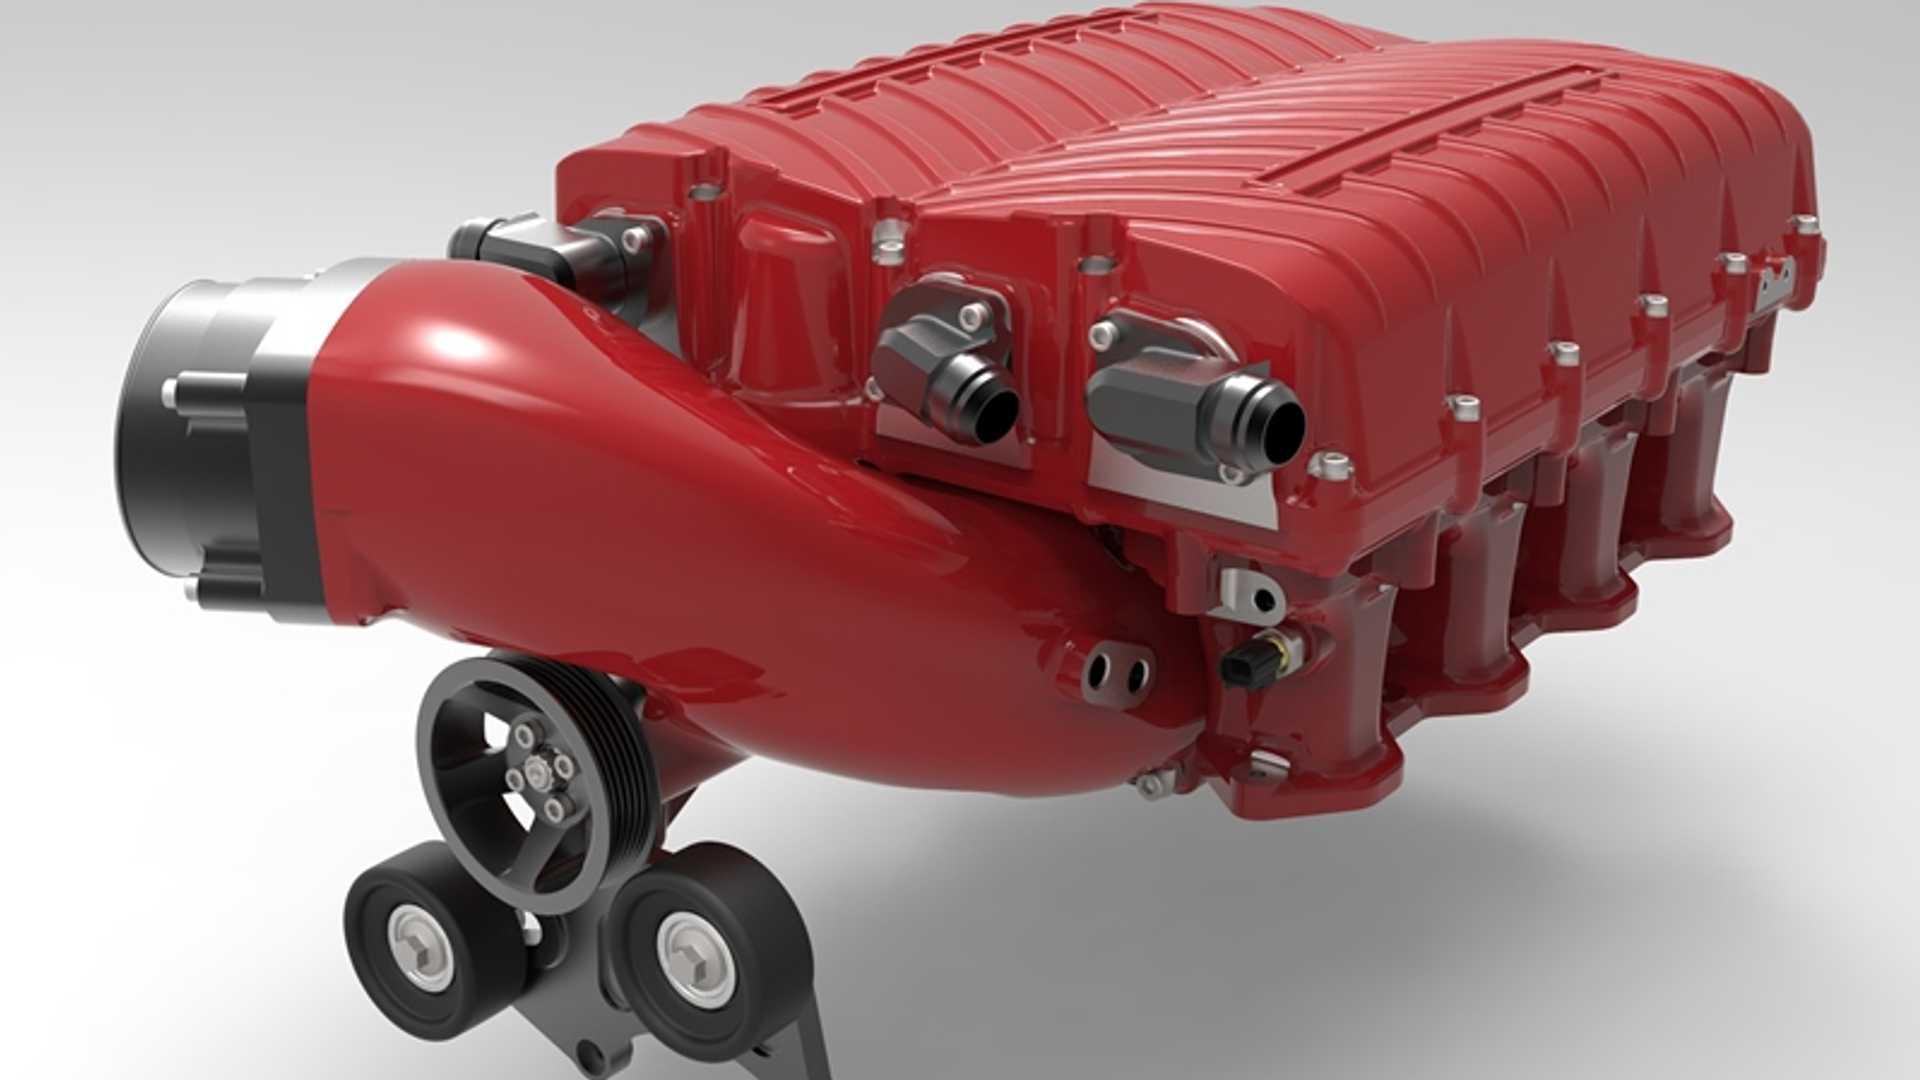 Whipple_supercharger_Ford_V8_0002